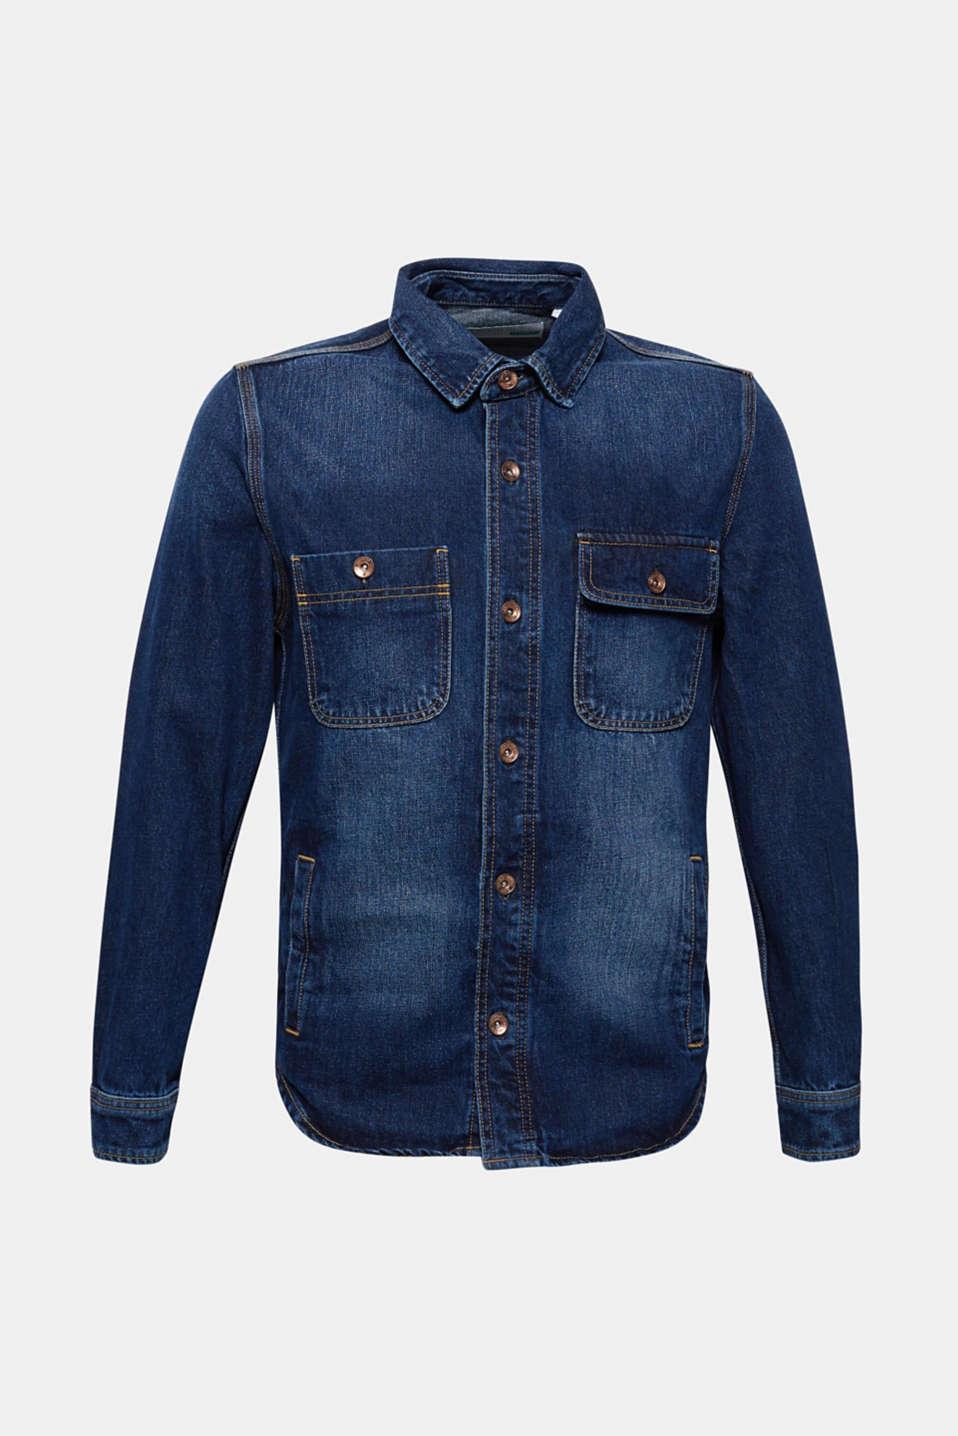 Denim jacket in 100% cotton, BLUE DARK WASH, detail image number 6